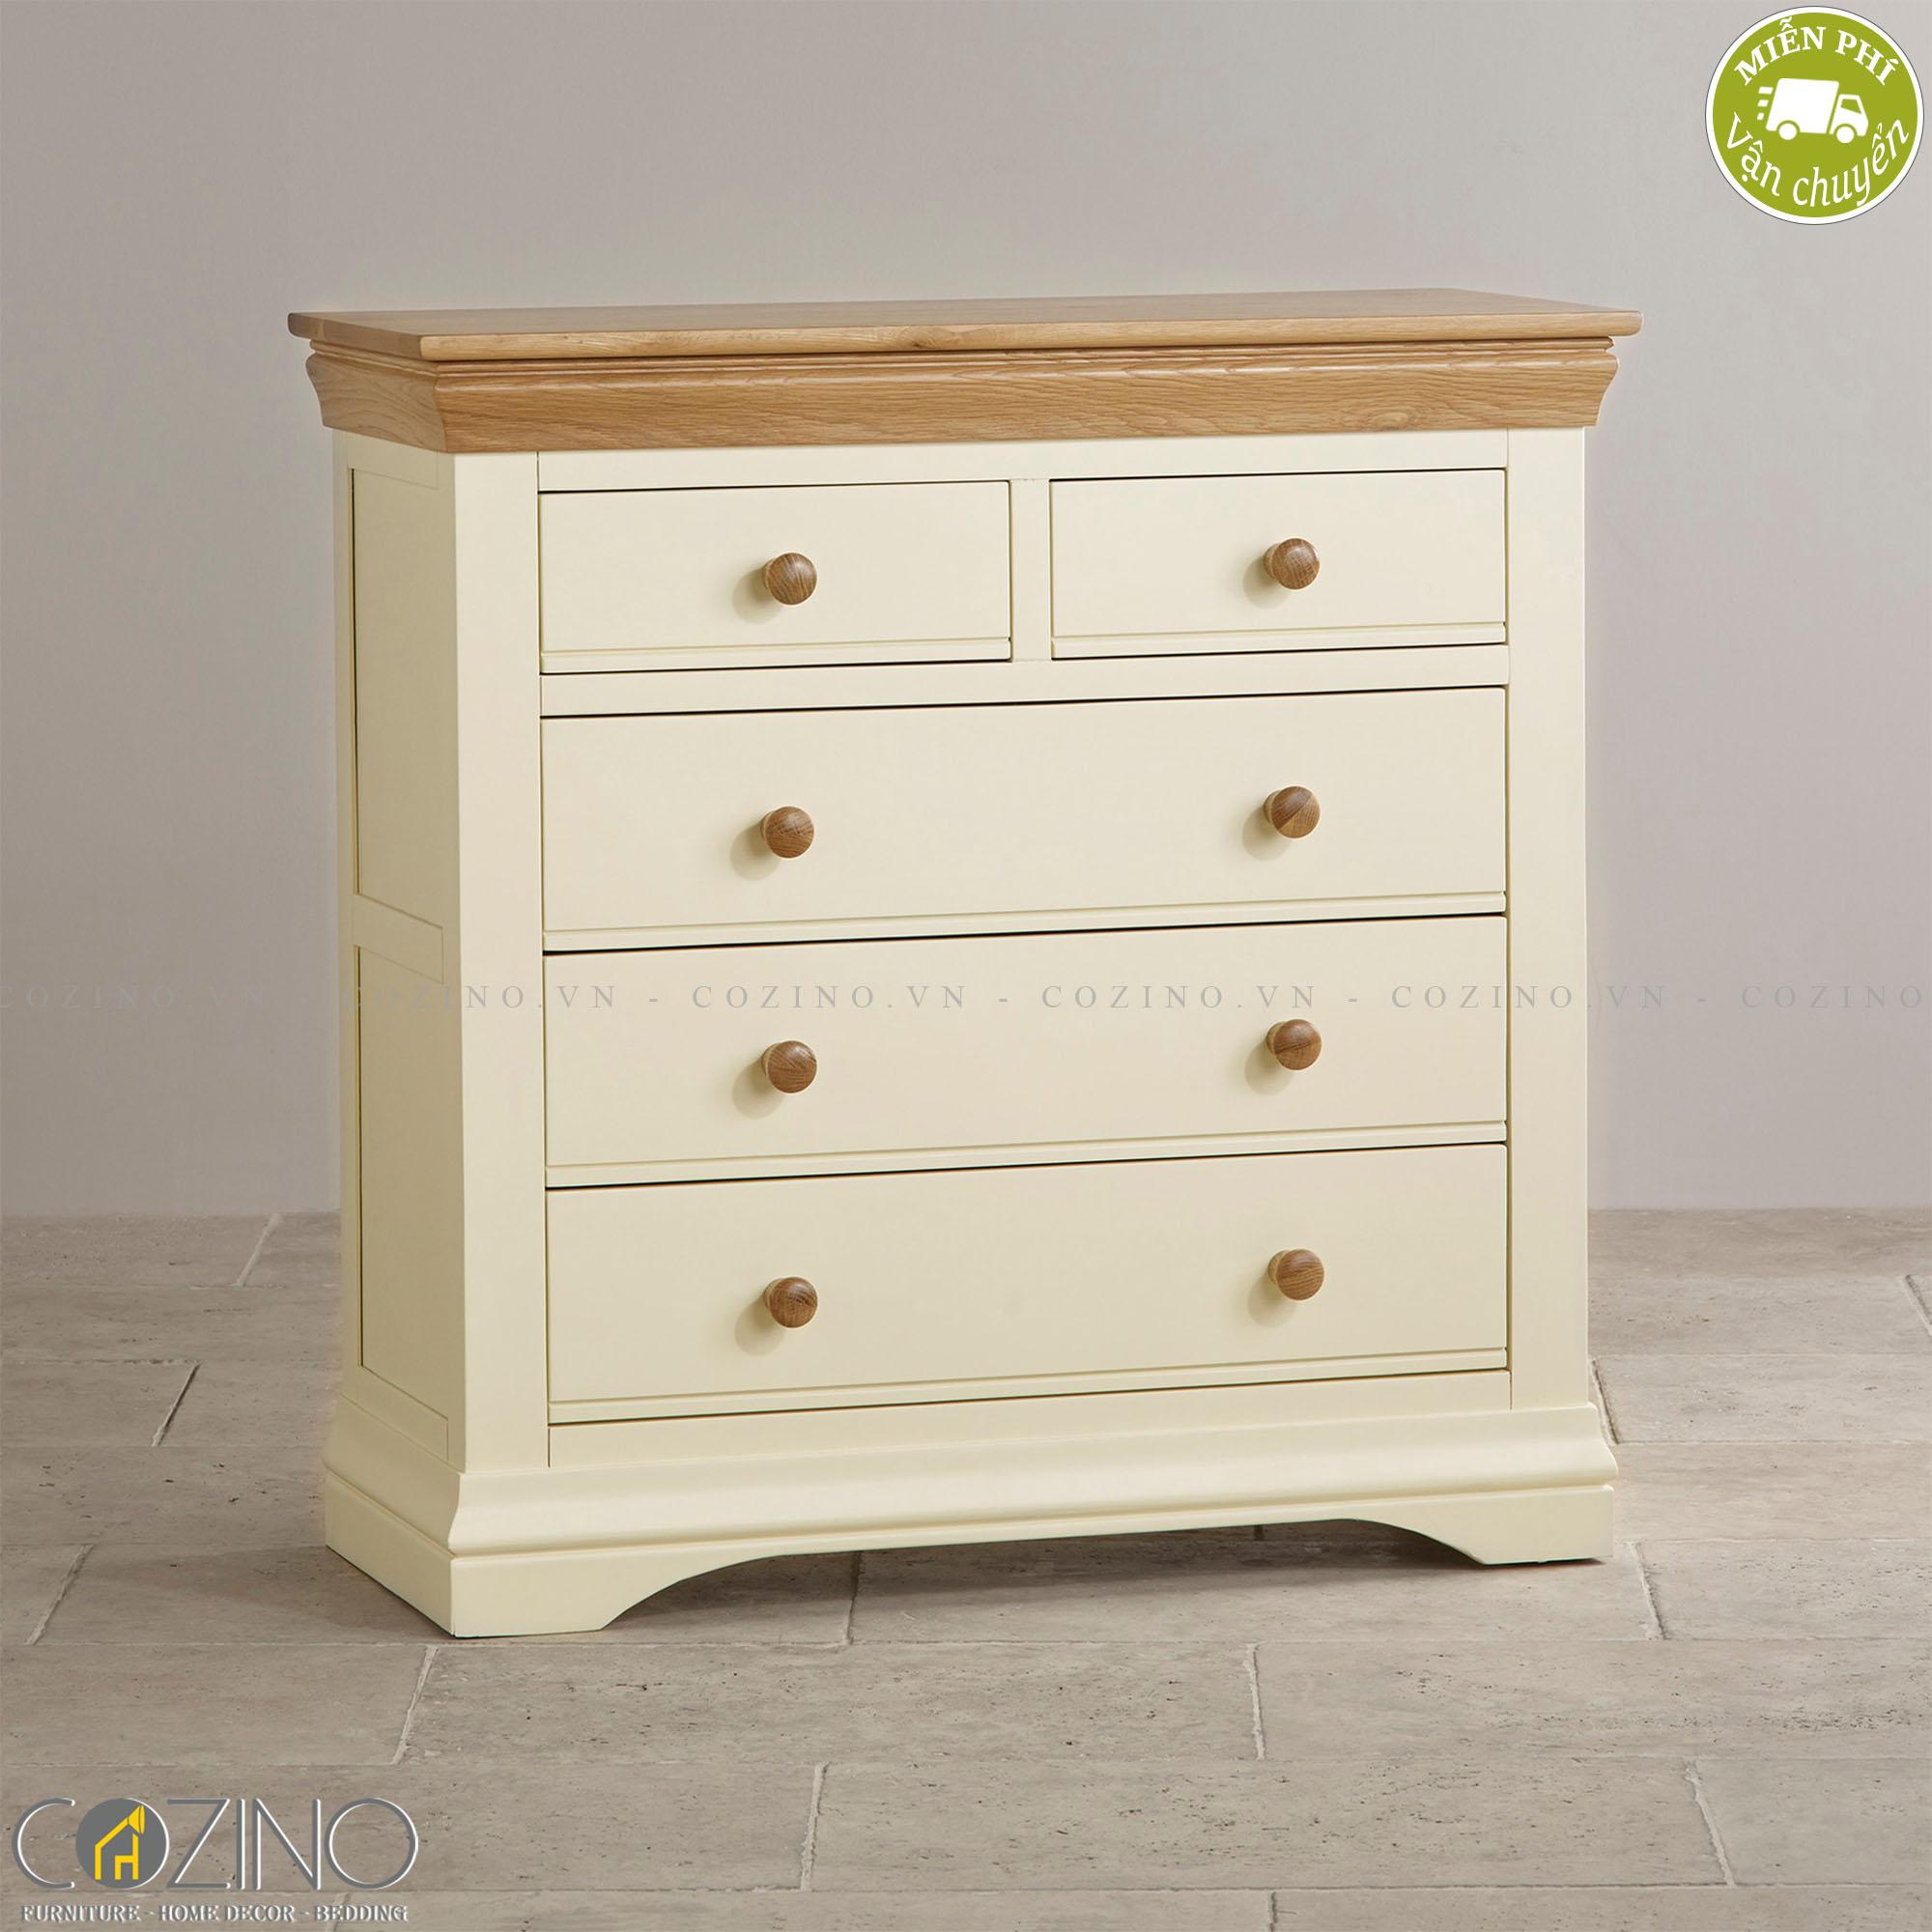 Tủ ngăn kéo ngang Canary 5 hộc gỗ sồi - Cozino